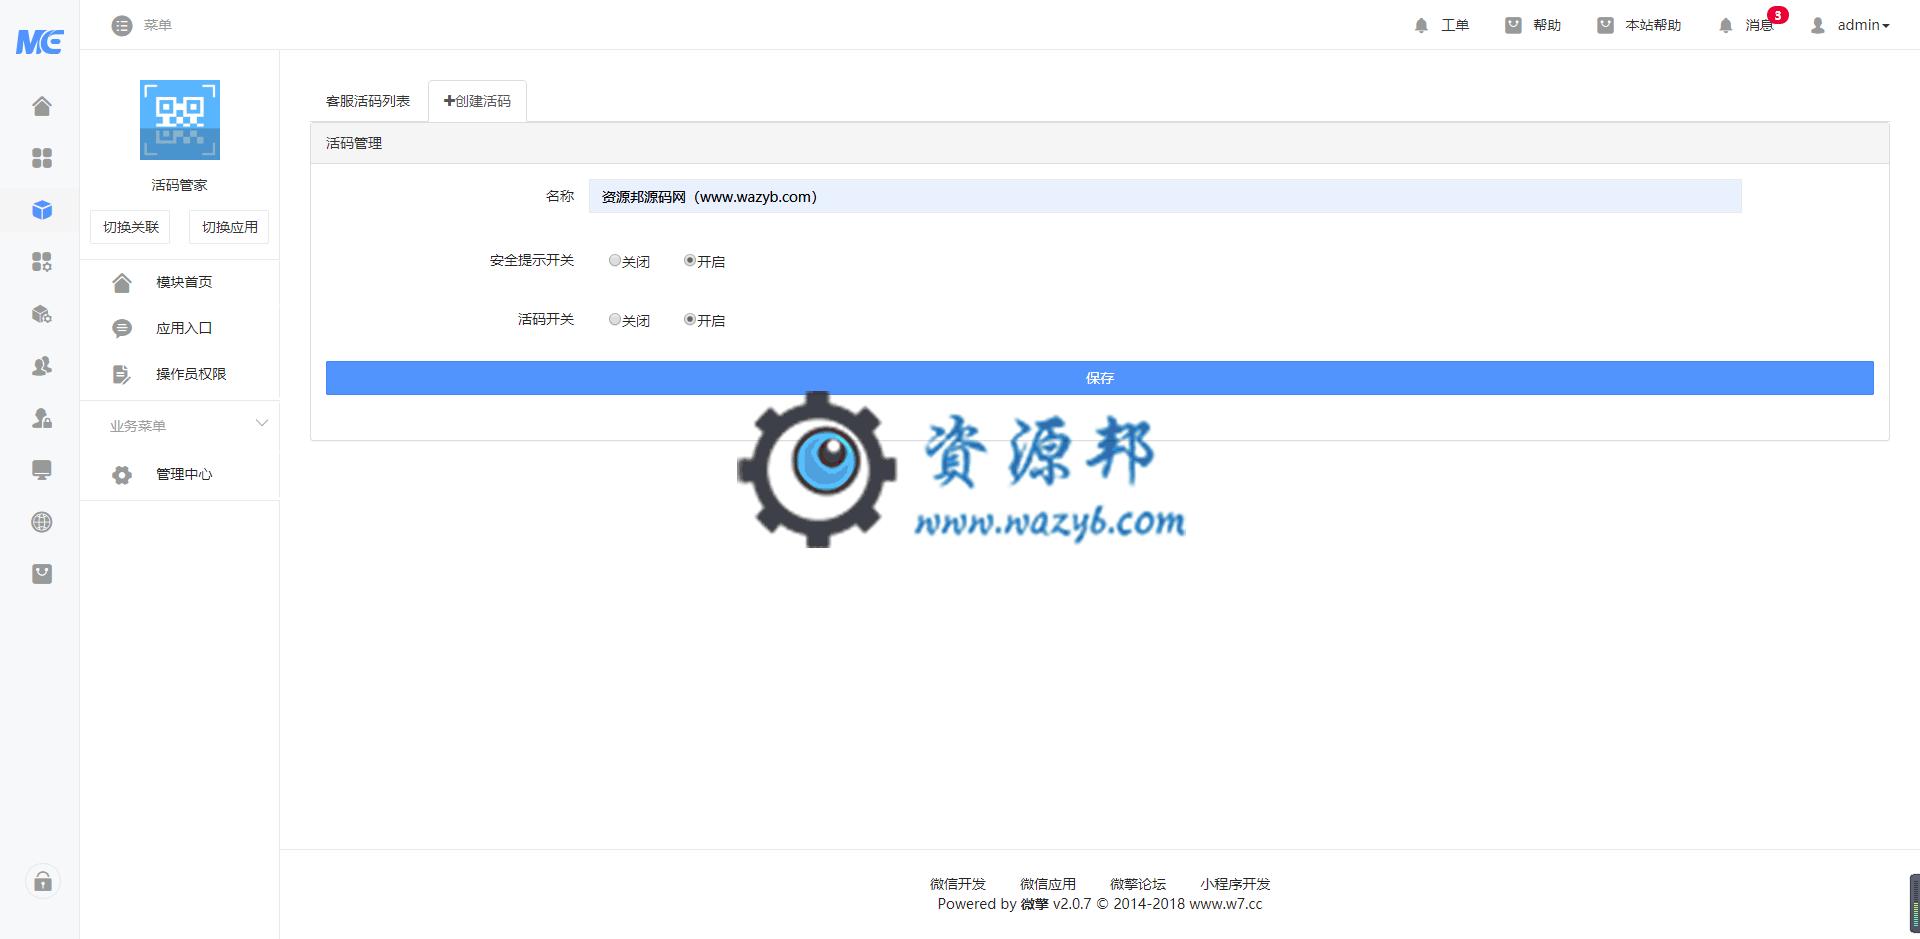 【公众号应用】活码管家V1.0.4程序包,新增去版权广告插件 公众号应用 第2张